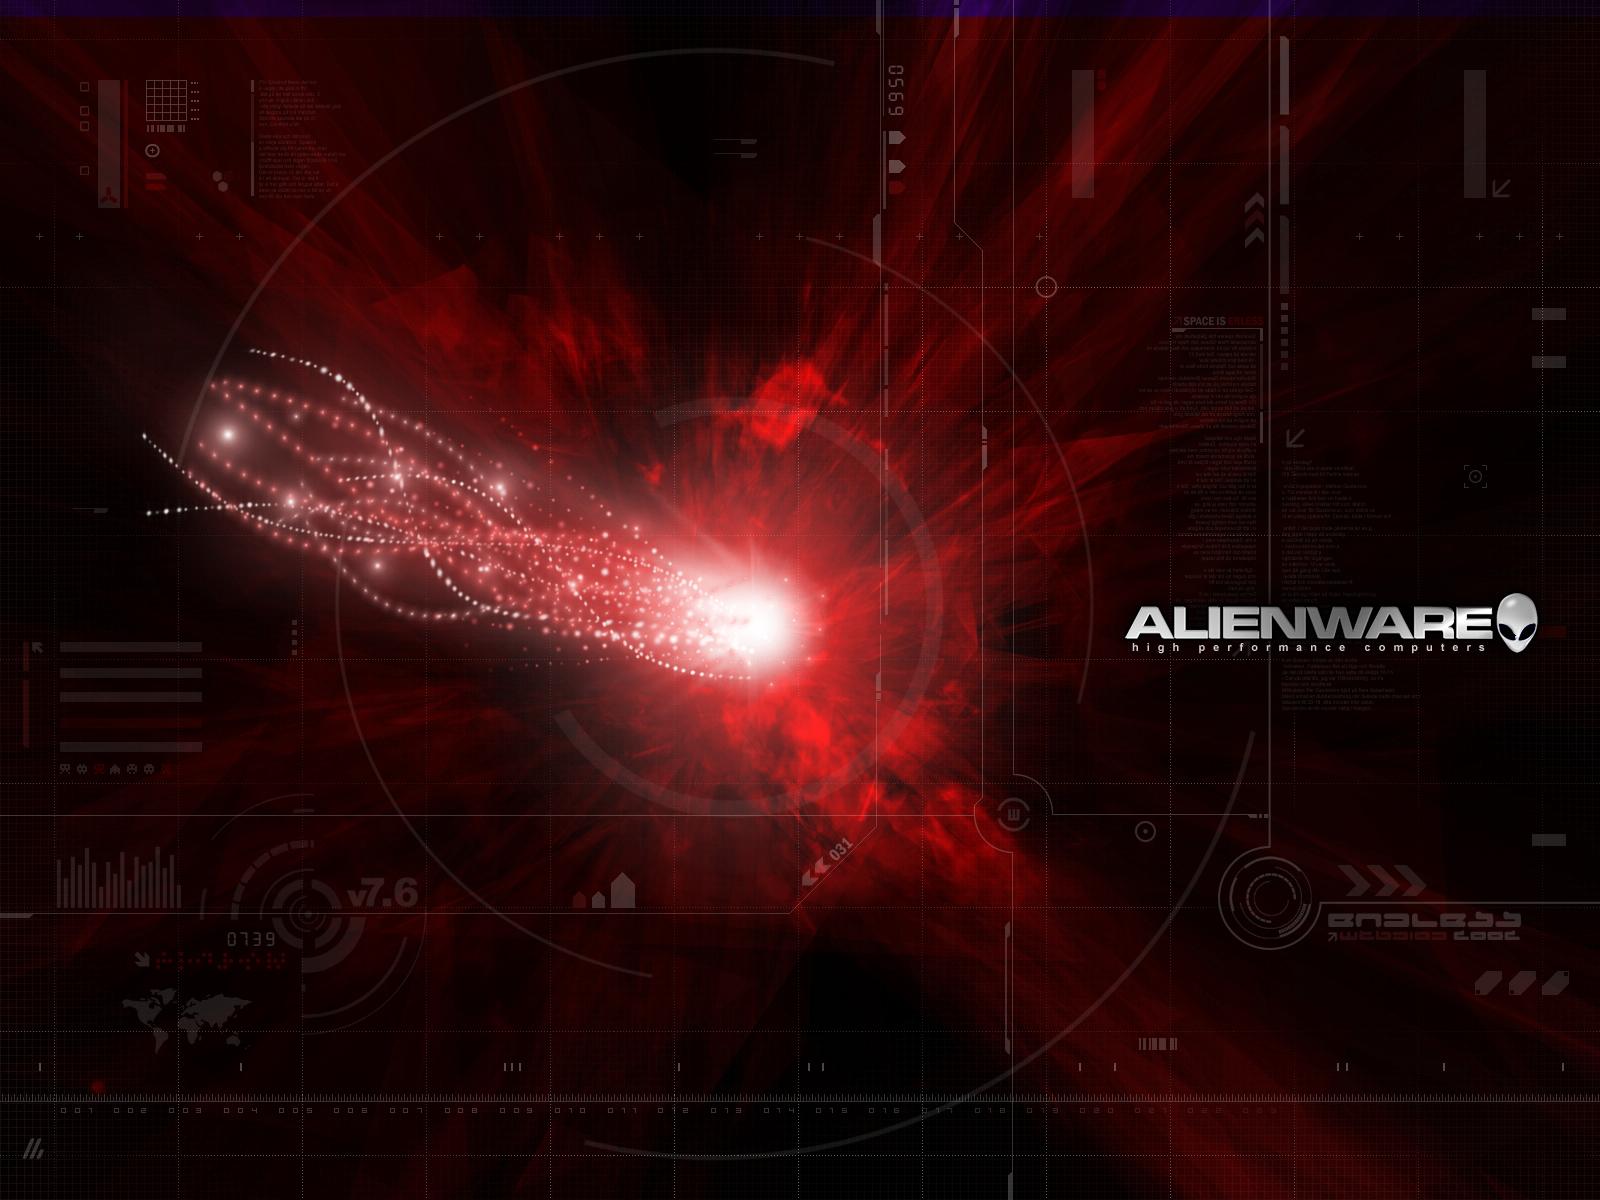 http://1.bp.blogspot.com/-4rVDByDgbOA/TmTDZFj2sbI/AAAAAAAAAh4/4hVtvaDFHaQ/s1600/Alienware-Wallpapers-6.jpg